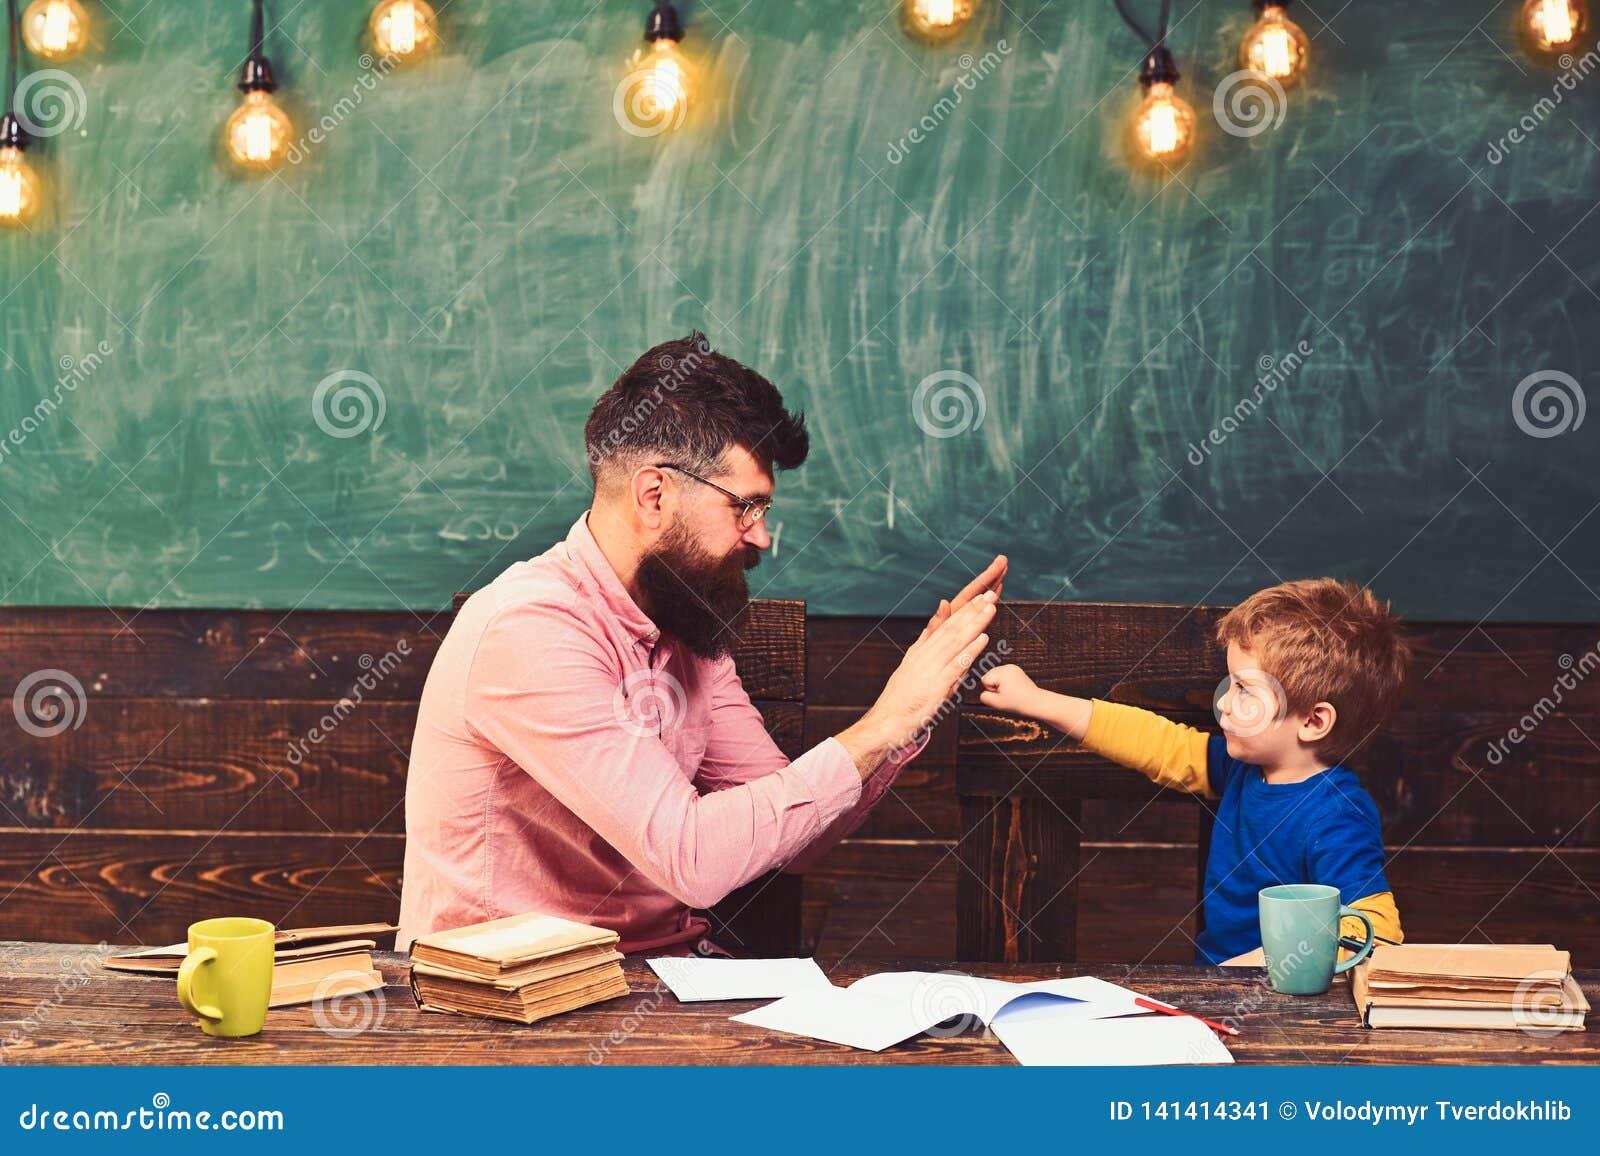 Όμορφος δάσκαλος και χαριτωμένο παιχνίδι παιδιών στην τάξη Μαθητής που επιτυγχάνει το στόχο Λίγος χαιρετισμός πρωτοπόρων